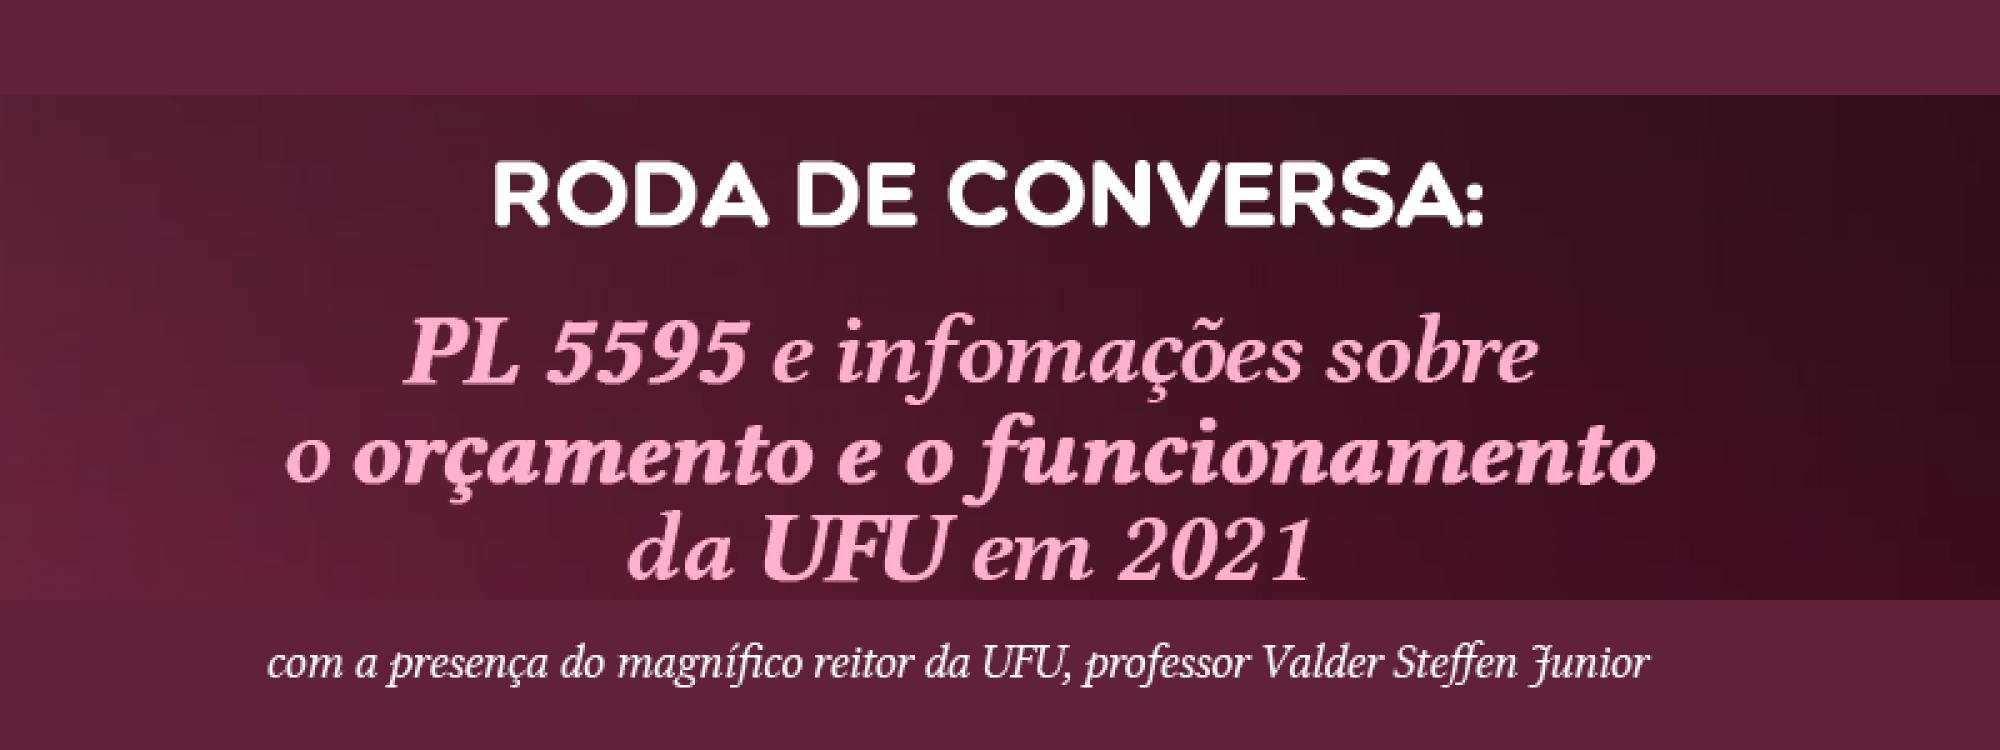 Roda de Conversa com o reitor da UFU sobre PL 5595 e orçamento da UFU